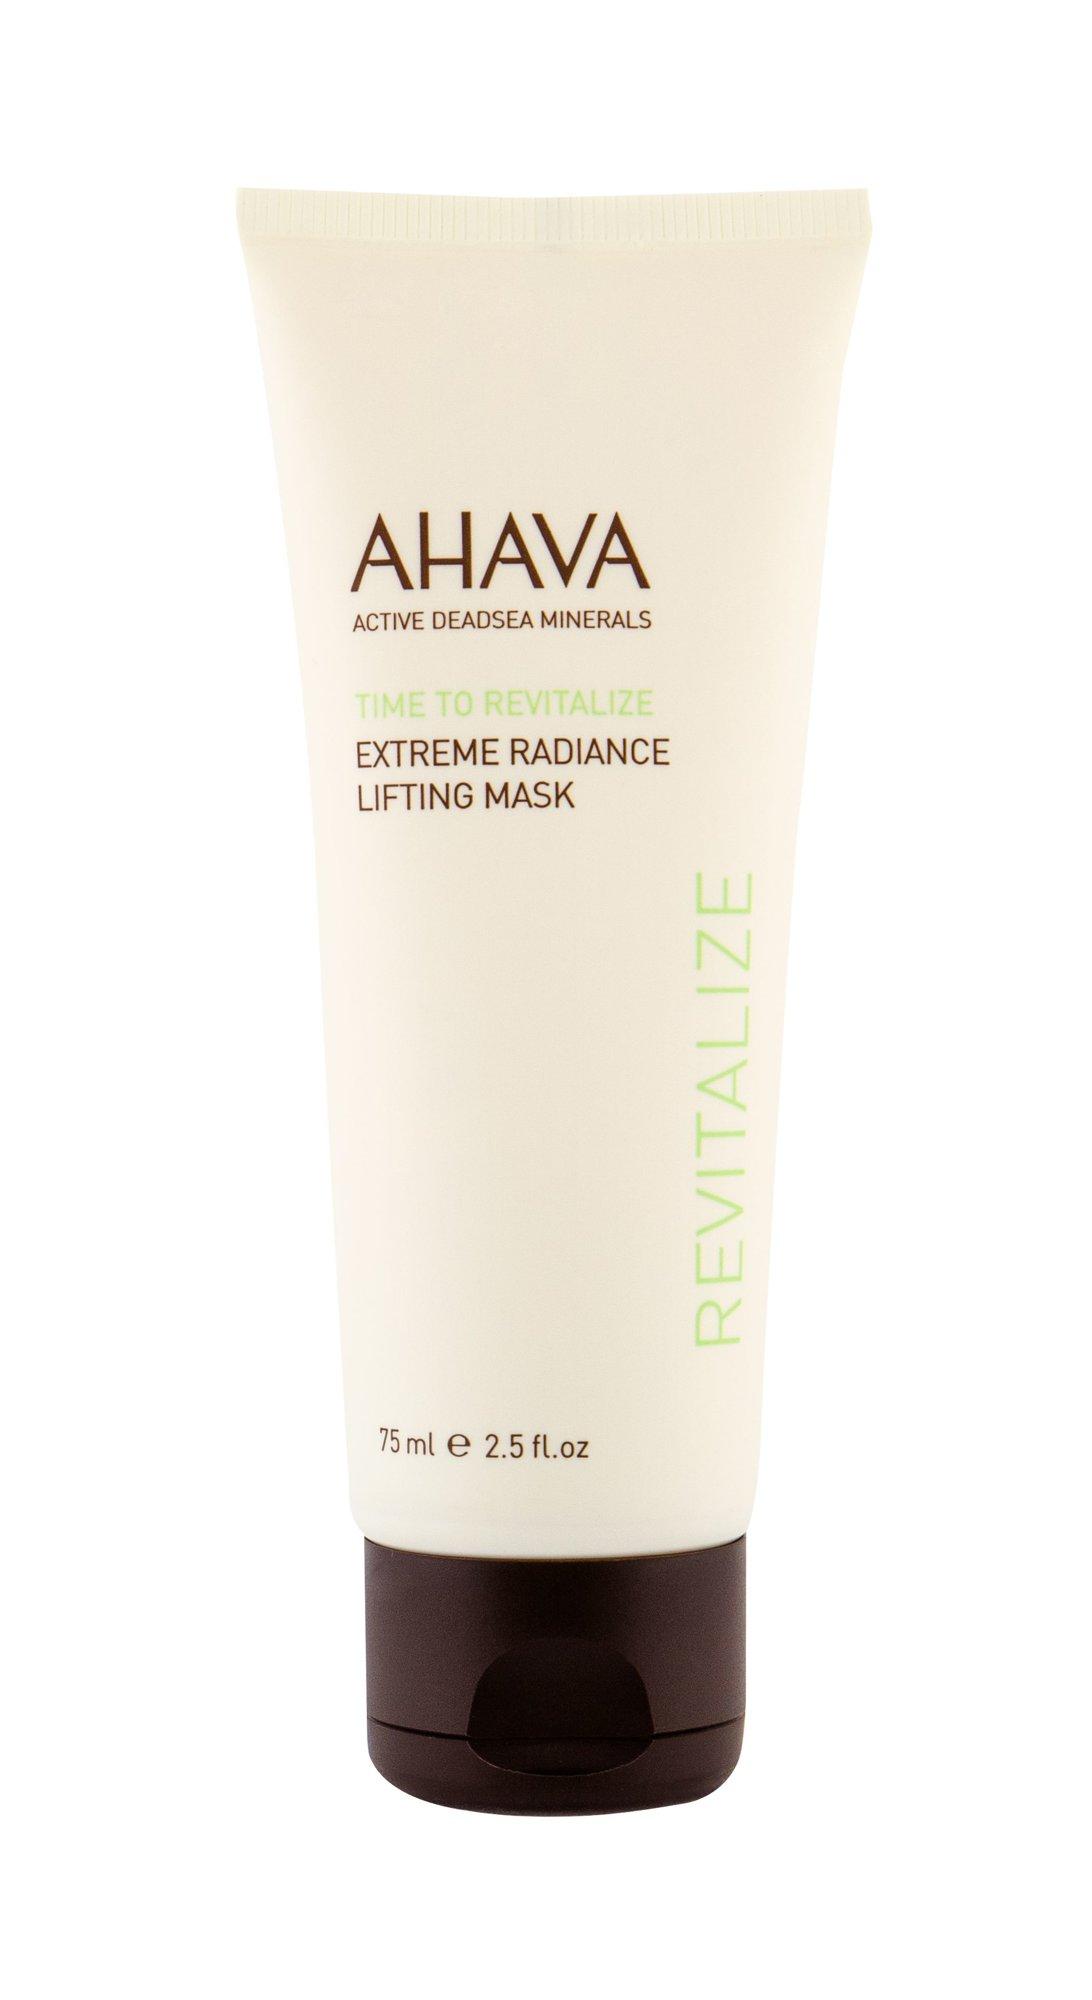 AHAVA Extreme Face Mask 75ml